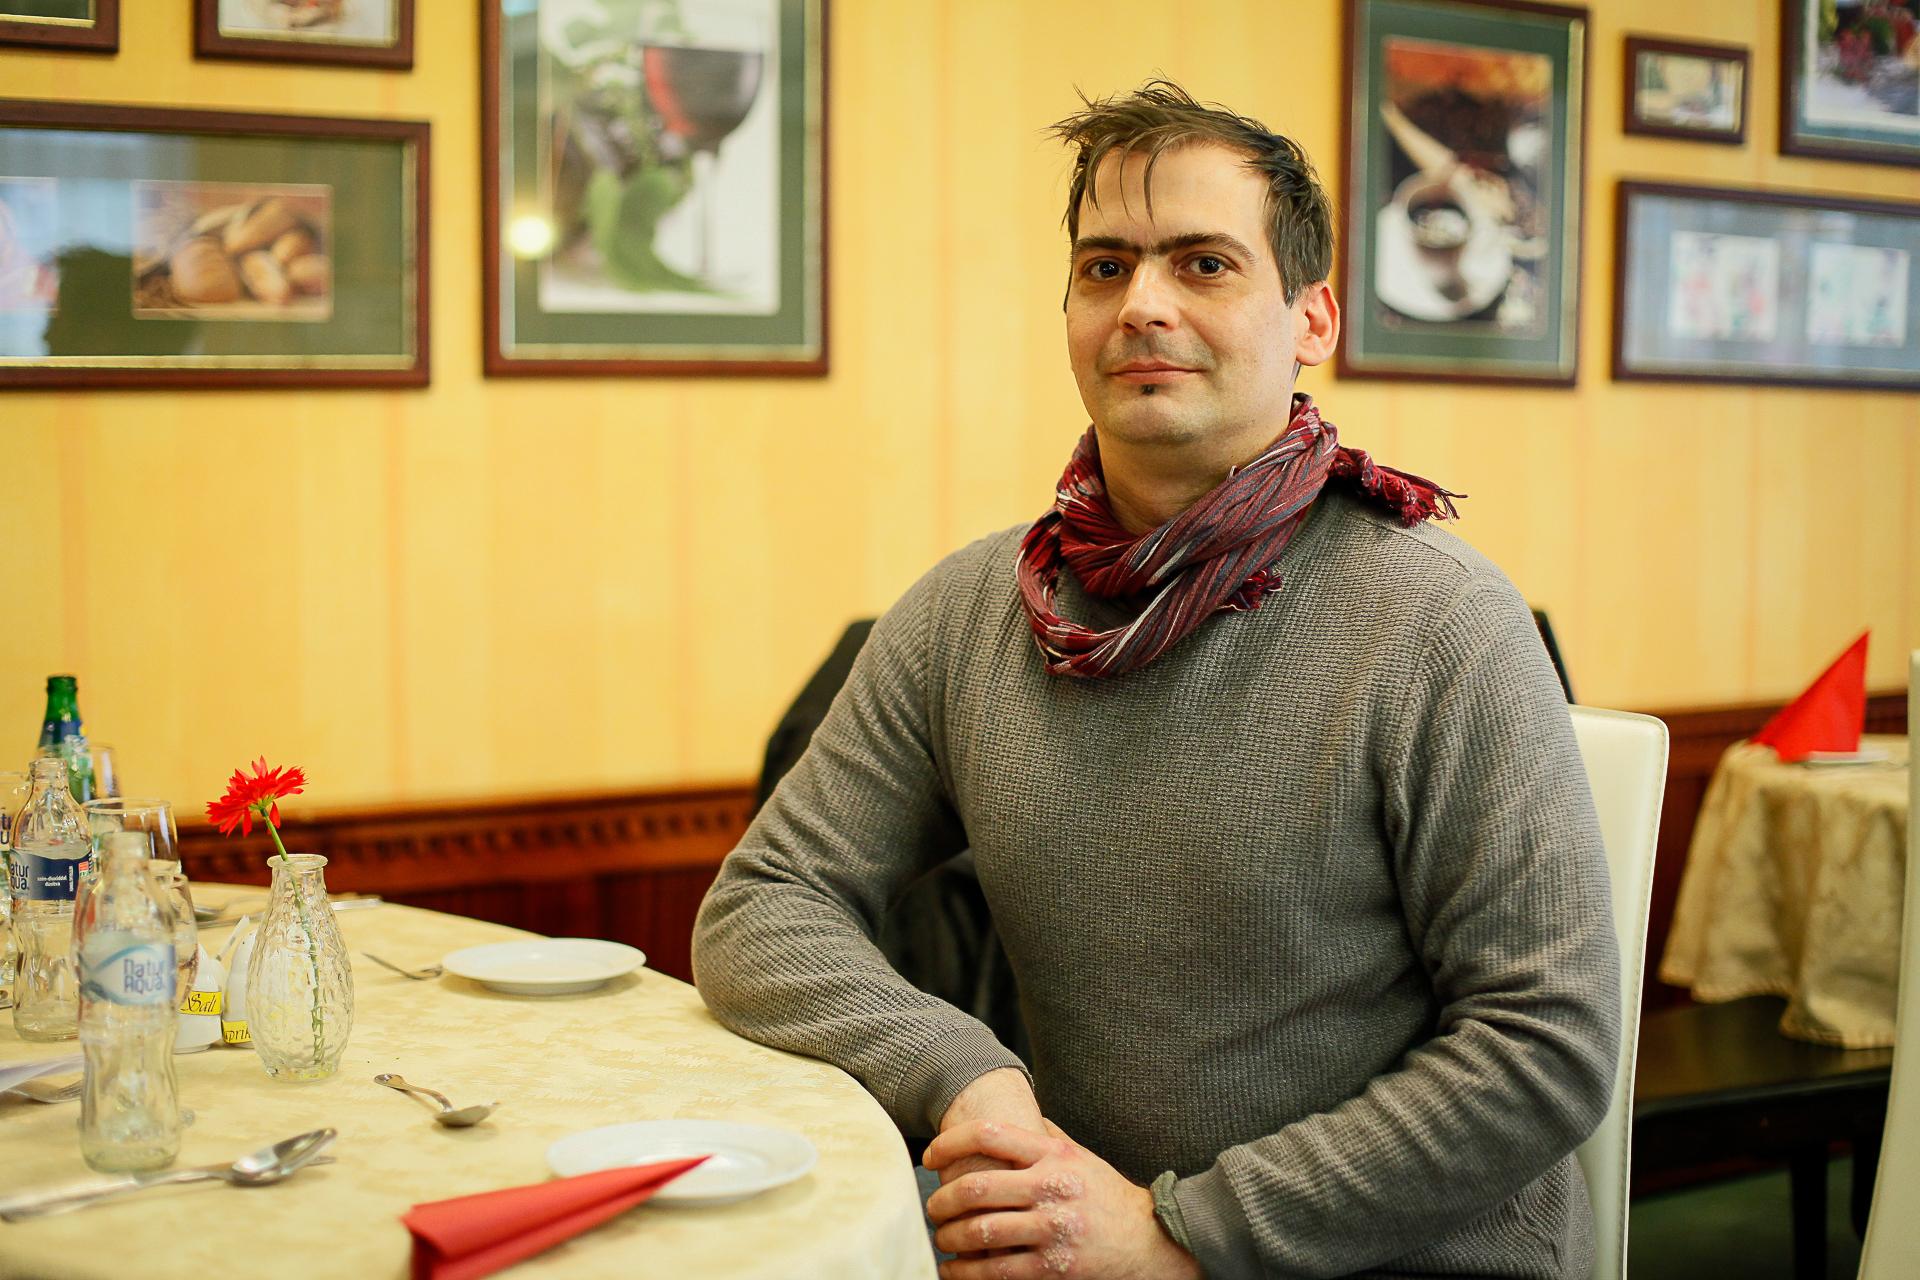 http://kolorline.hu/Egy recept, egy sztori - Fóris Csaba